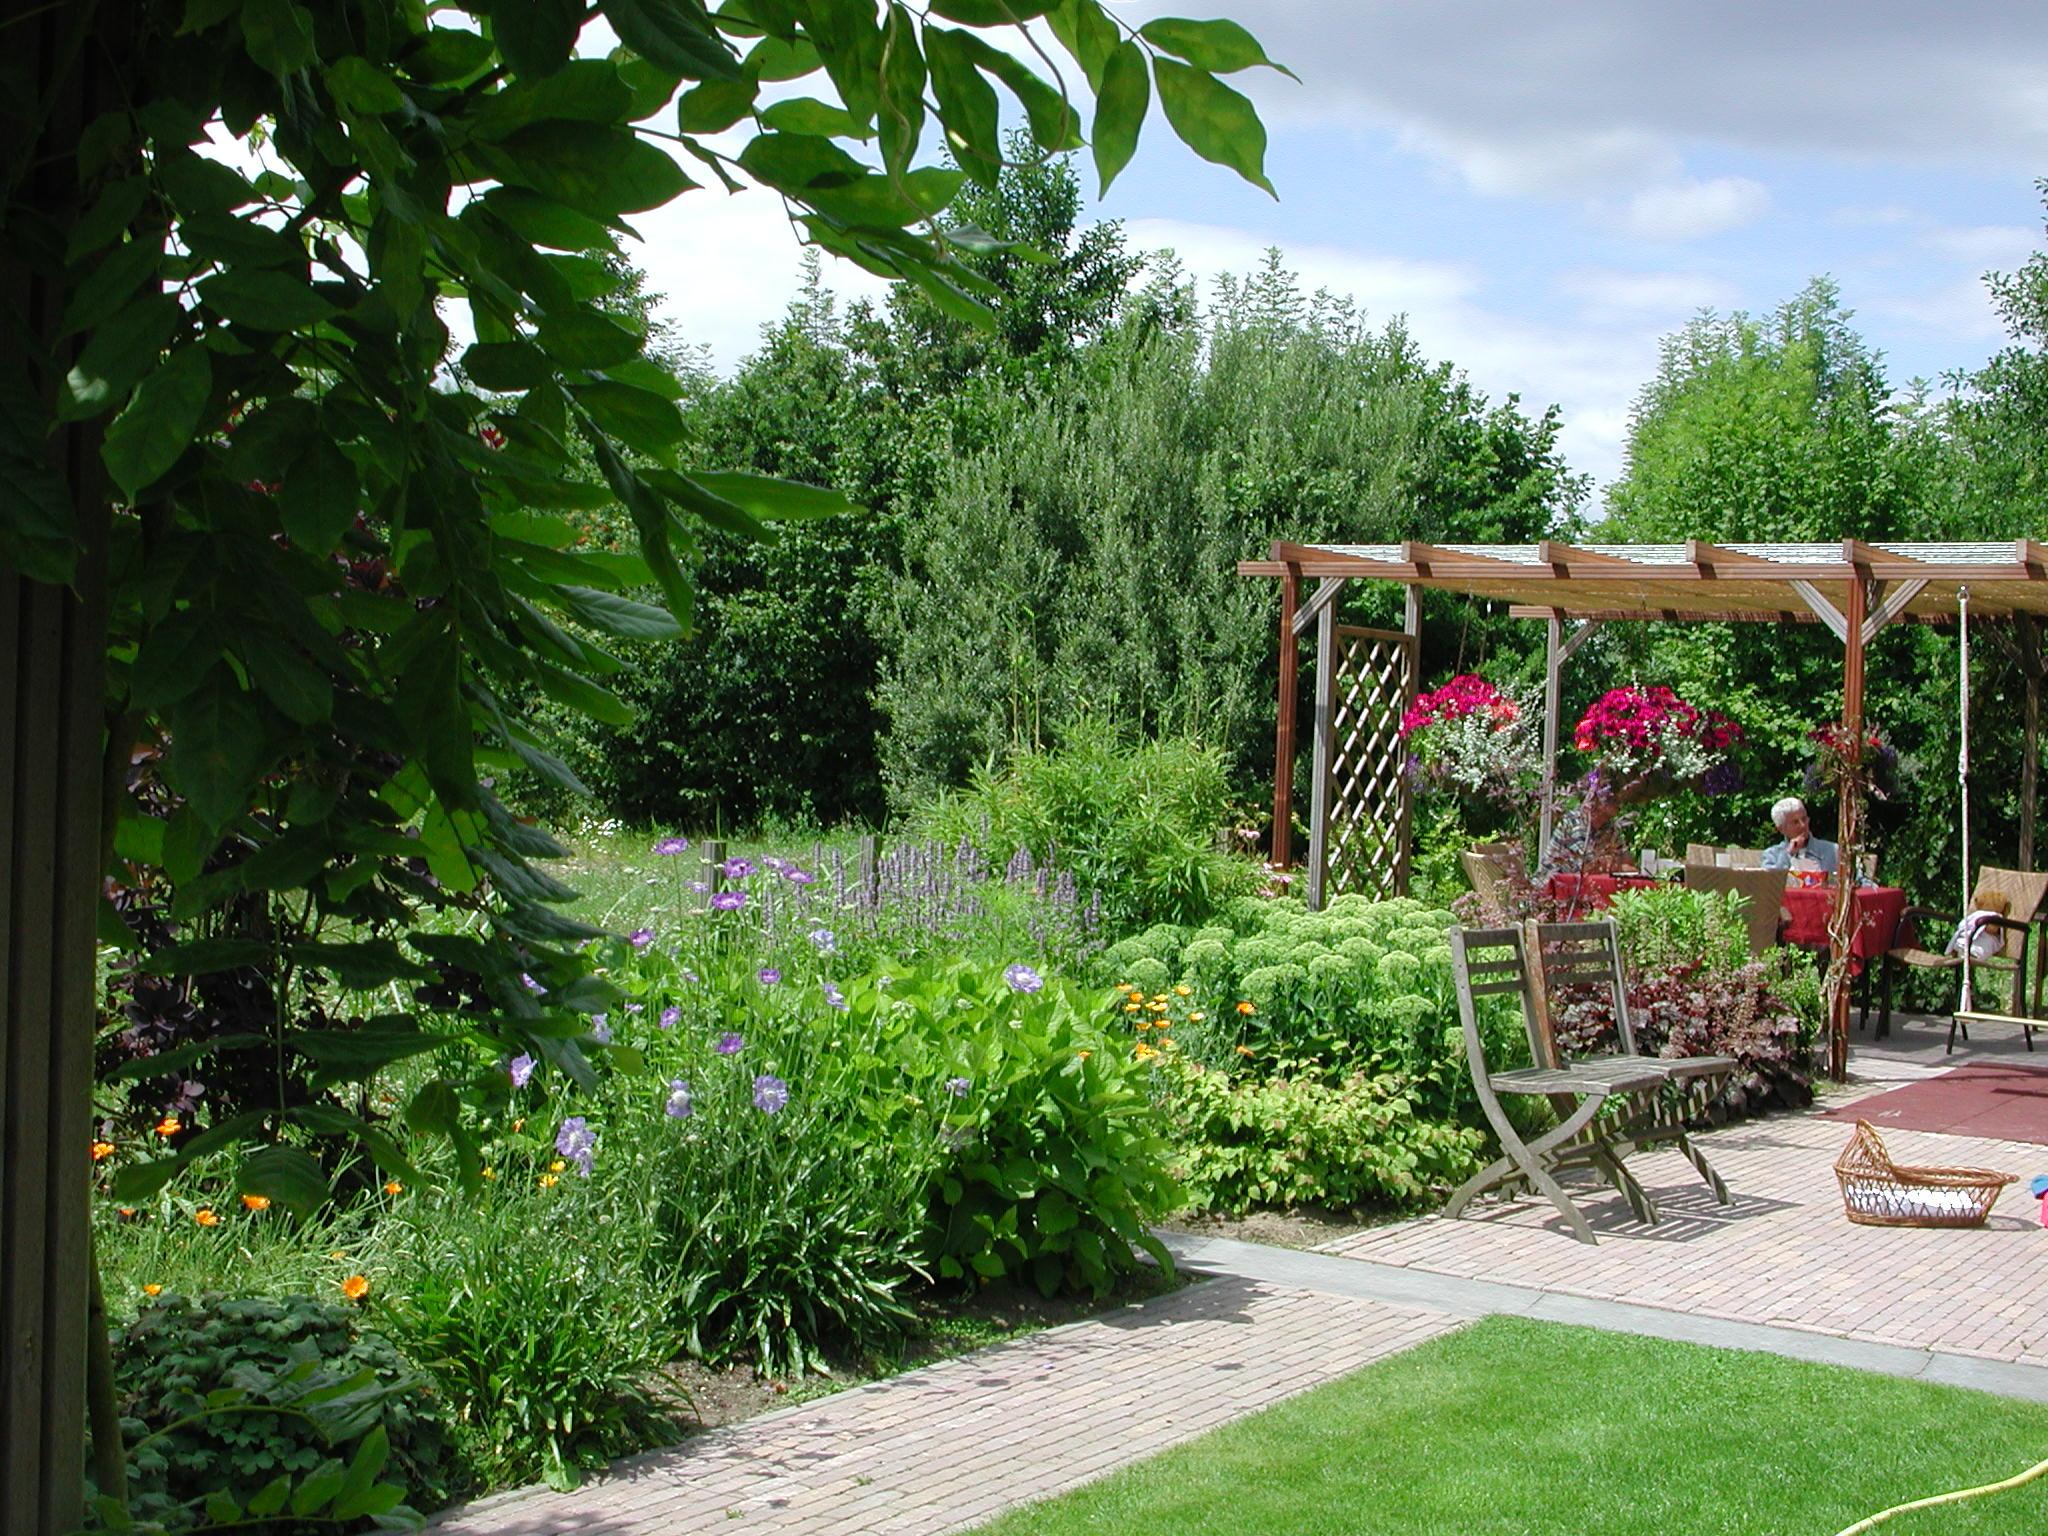 Kindvriendelijke Tuin Ideeen : Kindvriendelijke tuin enschede